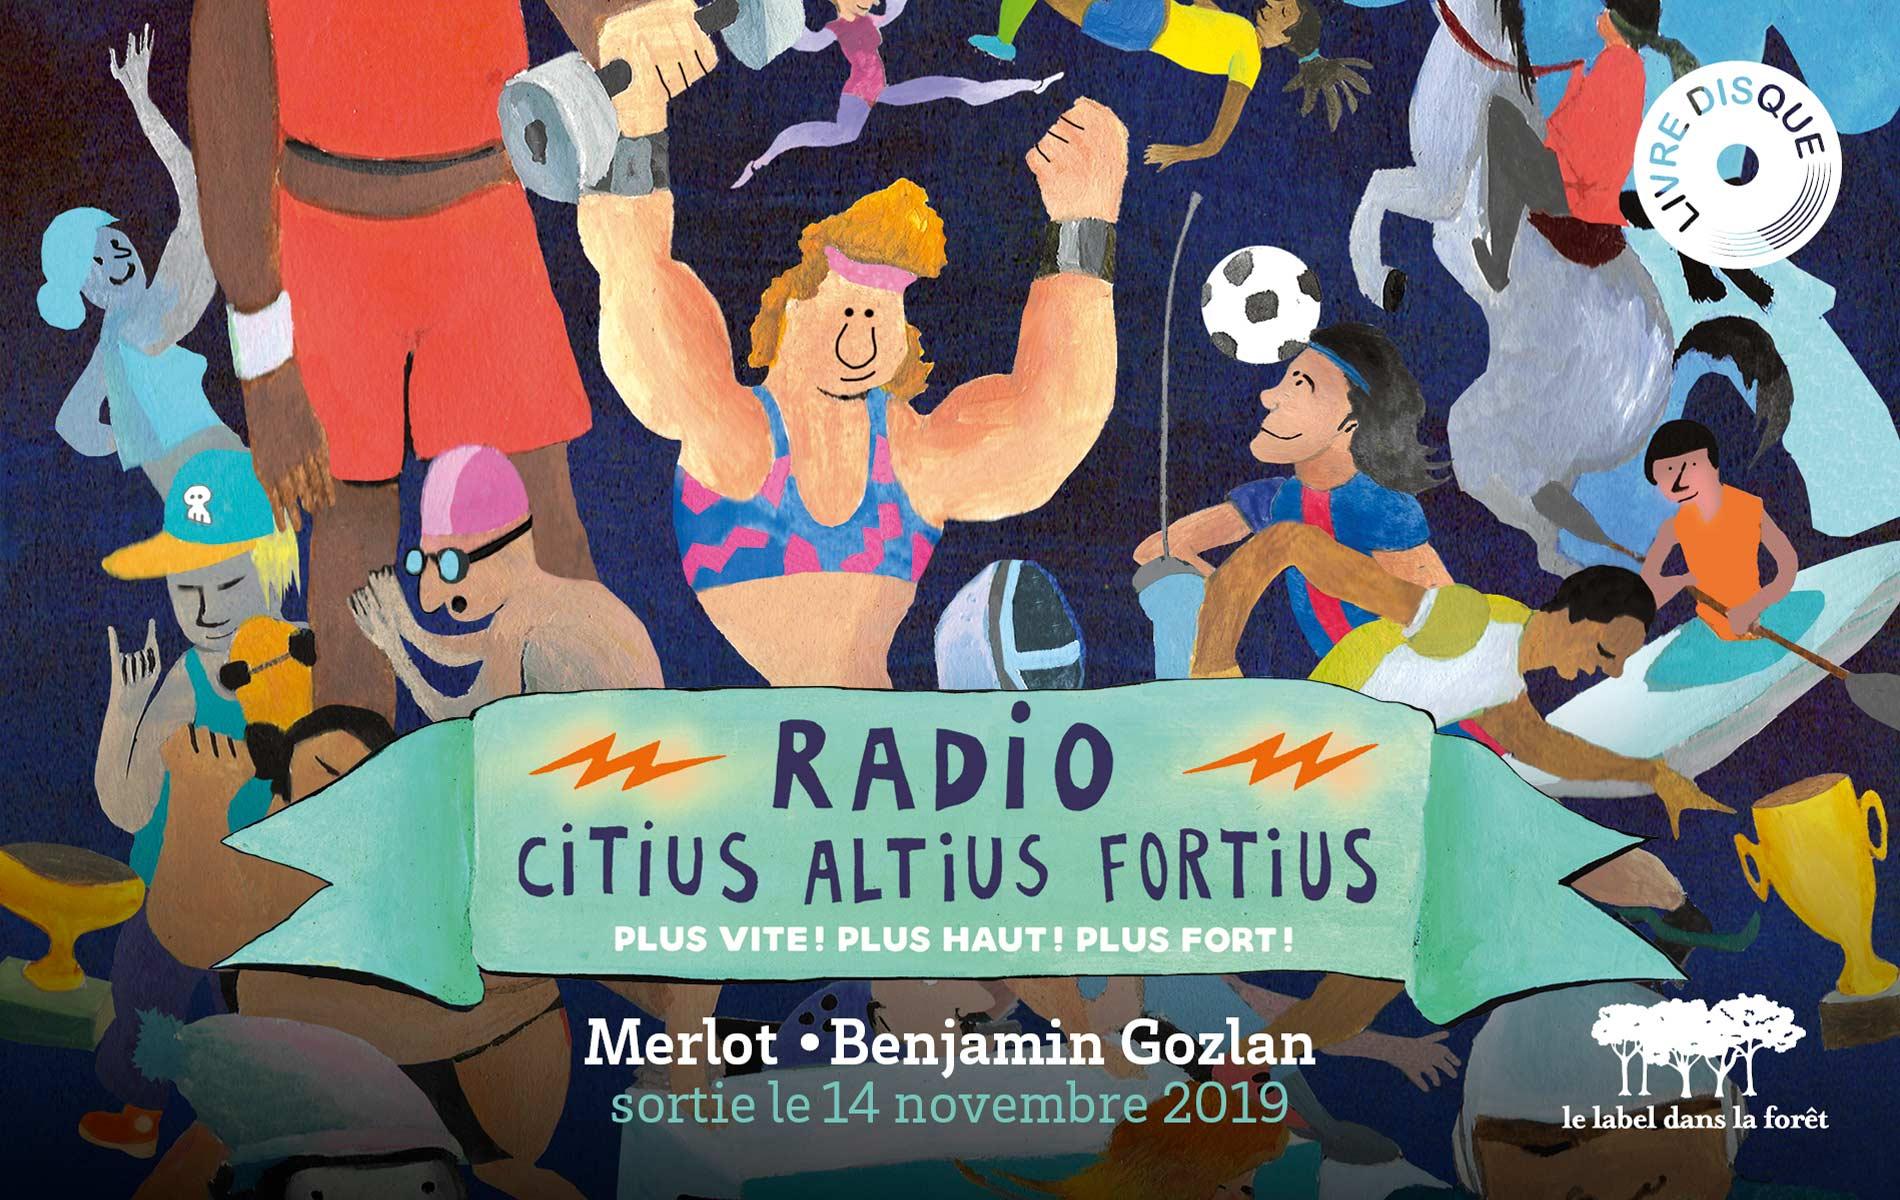 Le Label dans la Foret - Radio Citius Altius Fortius - Merlot & Benjamin Gozlan - Slide